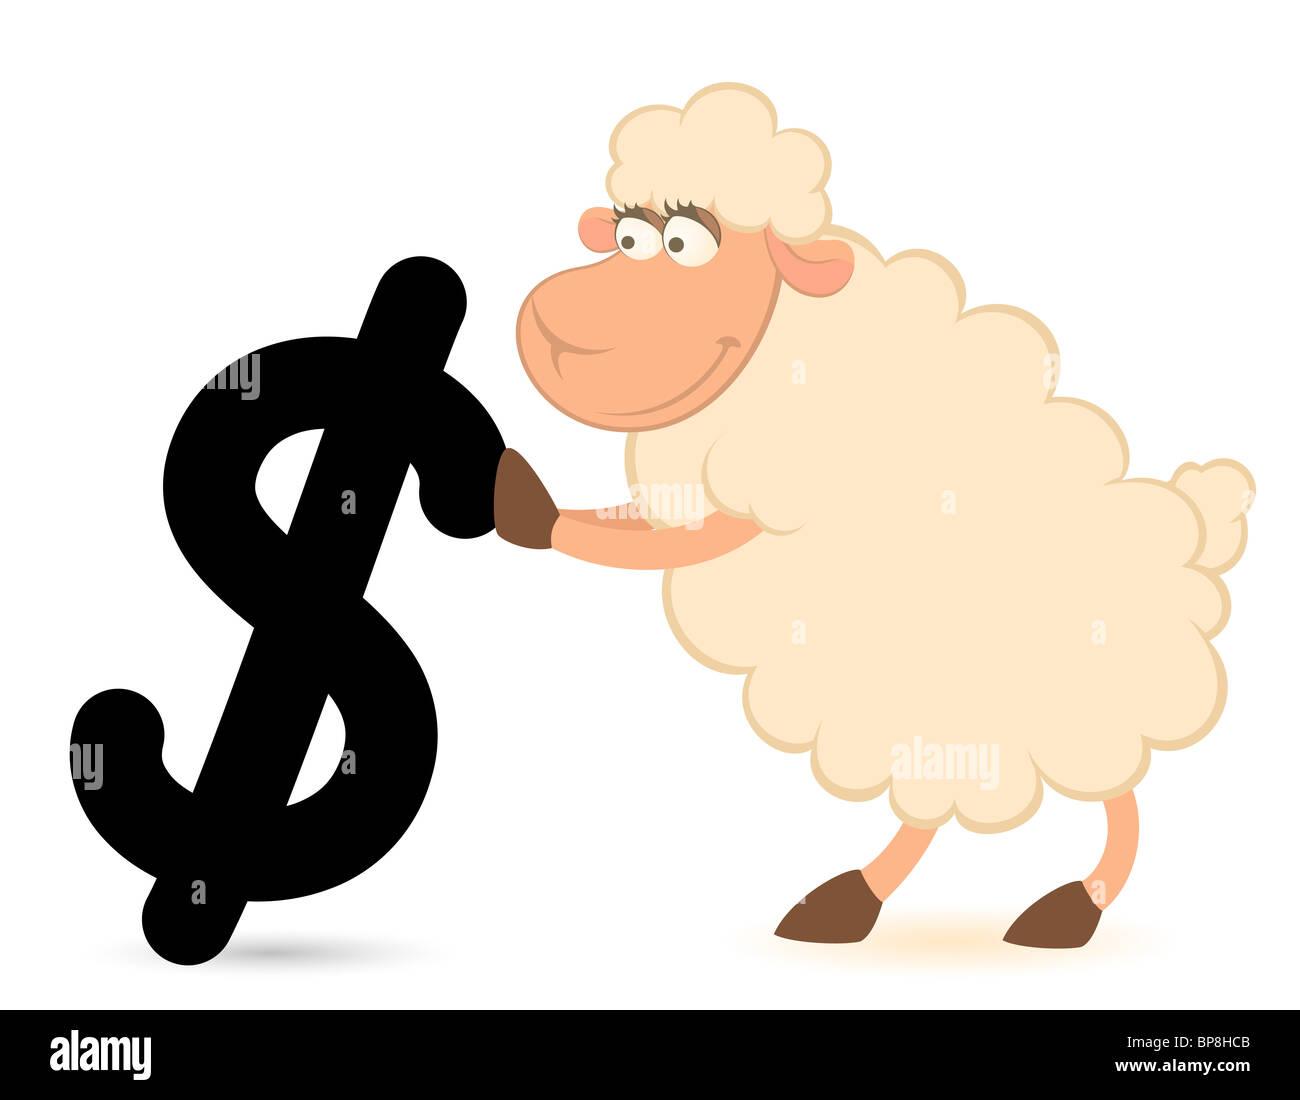 Cartoon ovejas con el signo de dólar sobre un fondo blanco. Imagen De Stock